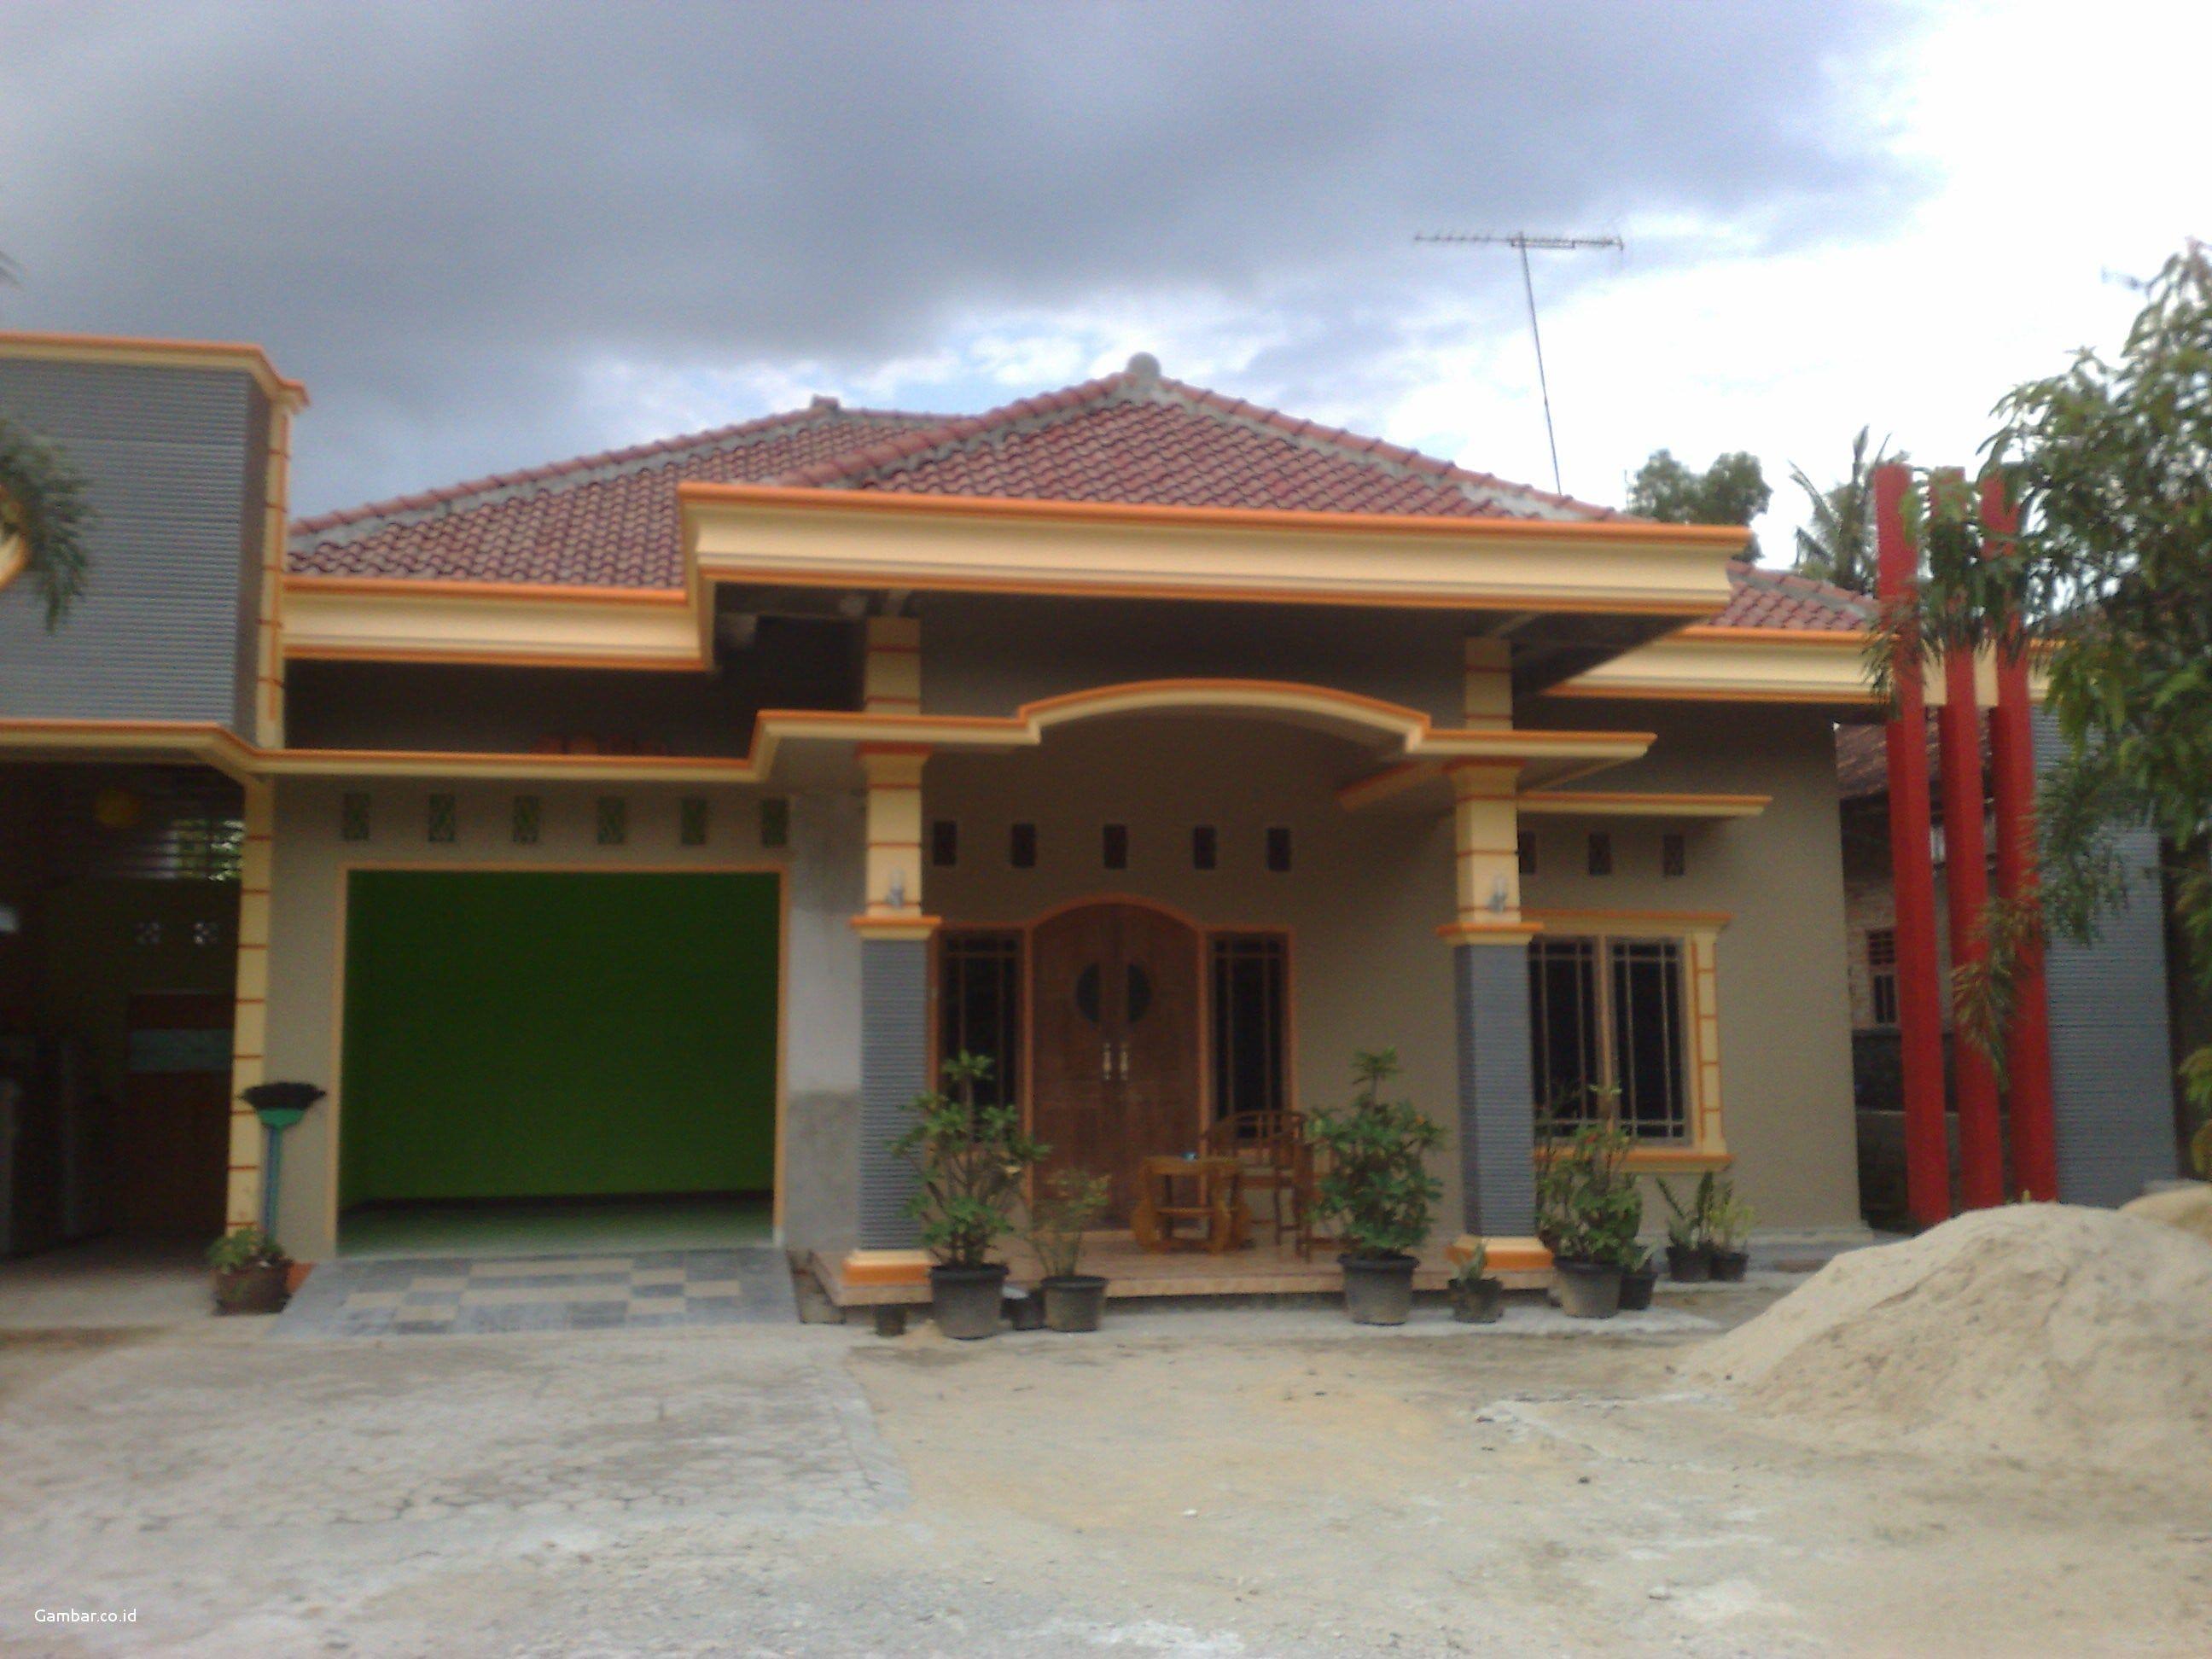 Desain Teras Rumah Model Dak Cek Bahan Bangunan Model dak teras rumah